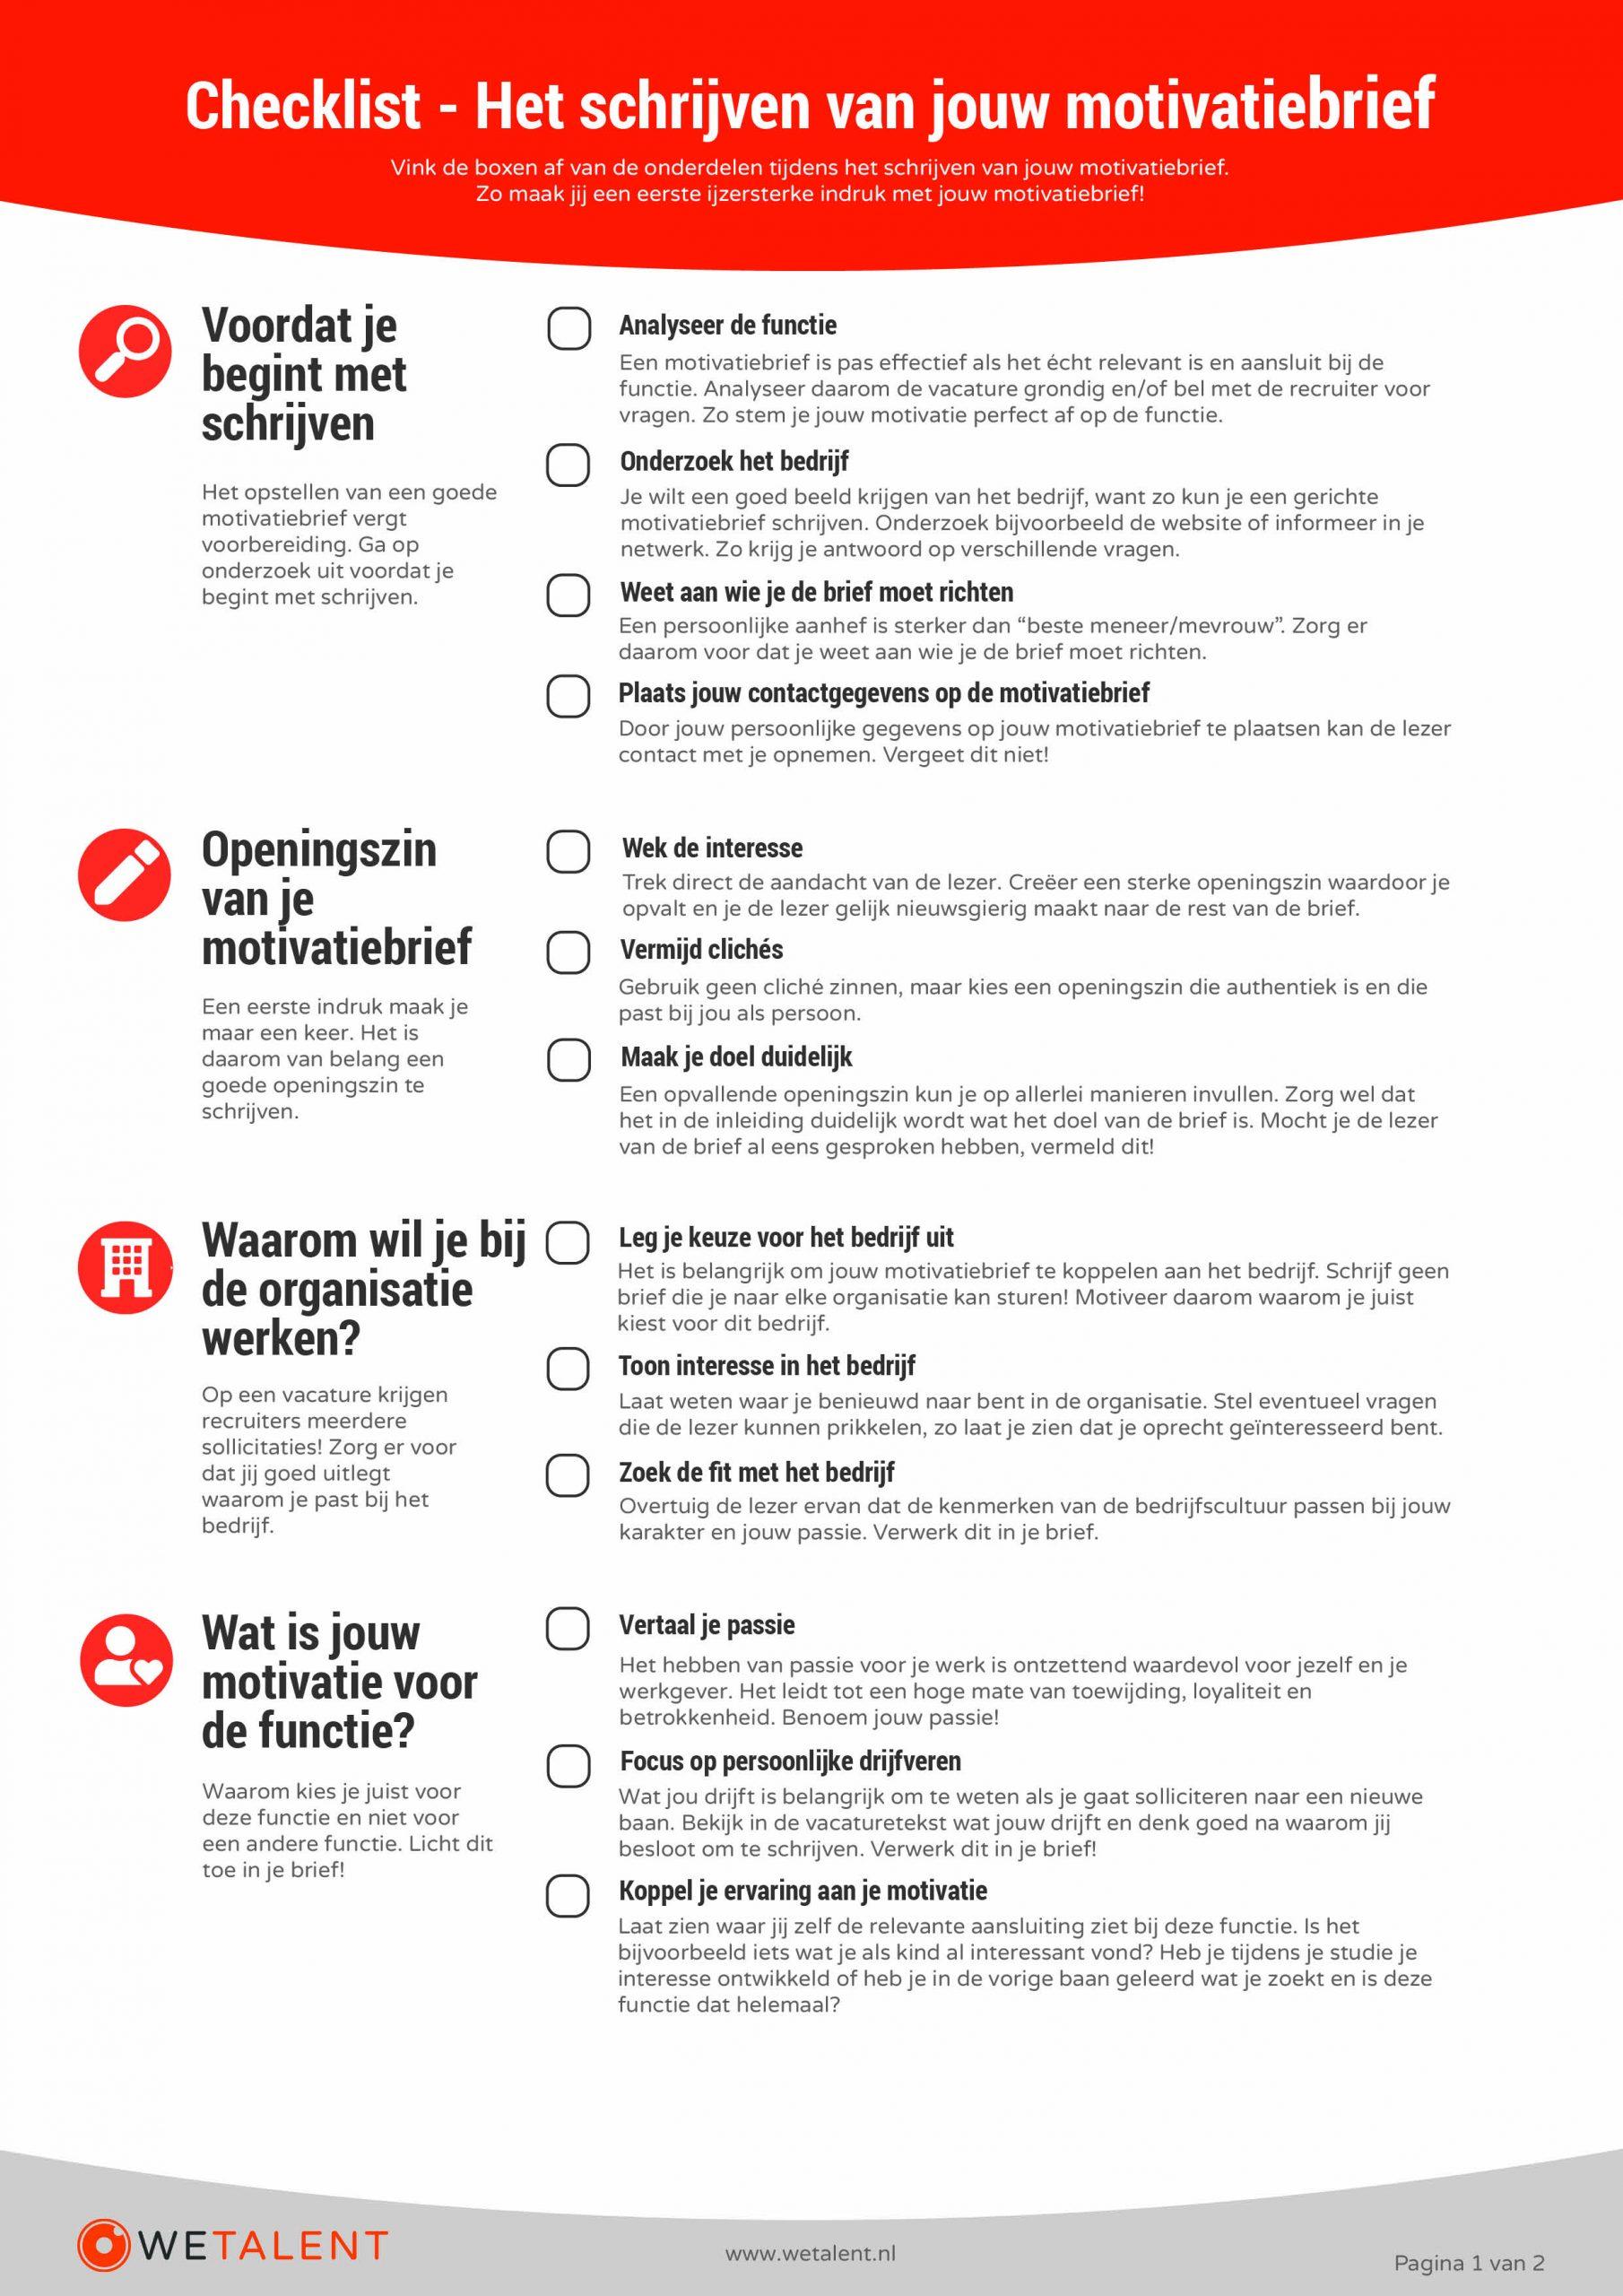 Checklist-motivatiebrief